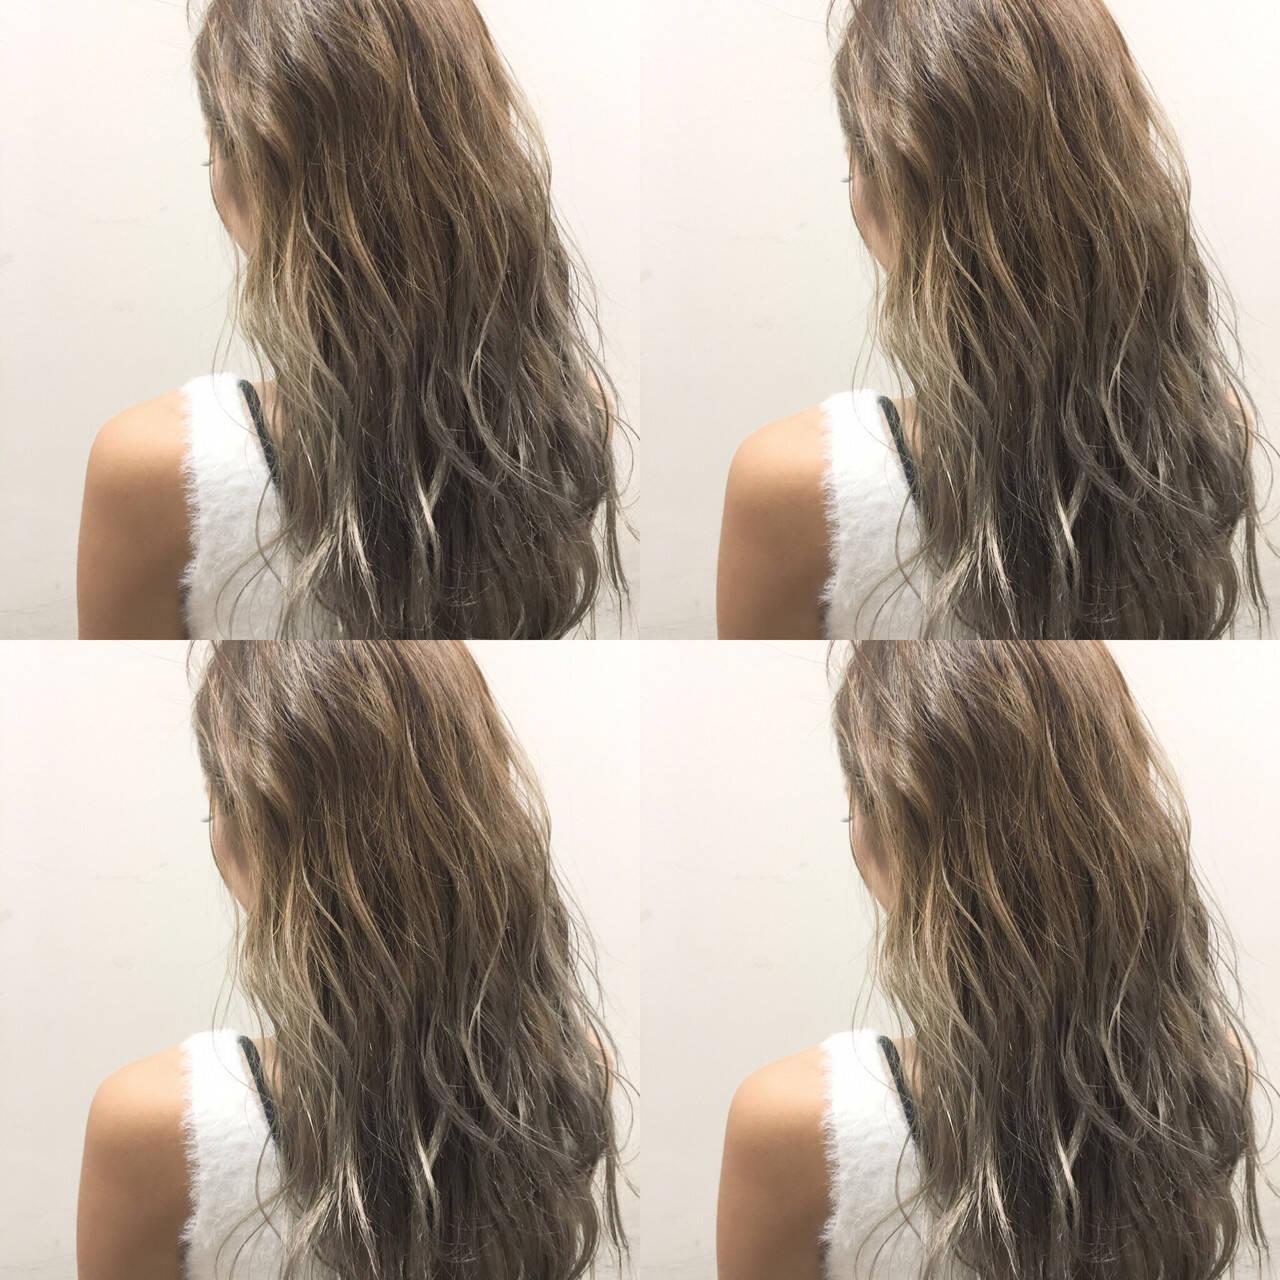 外国人風 ハイライト グラデーションカラー ロングヘアスタイルや髪型の写真・画像